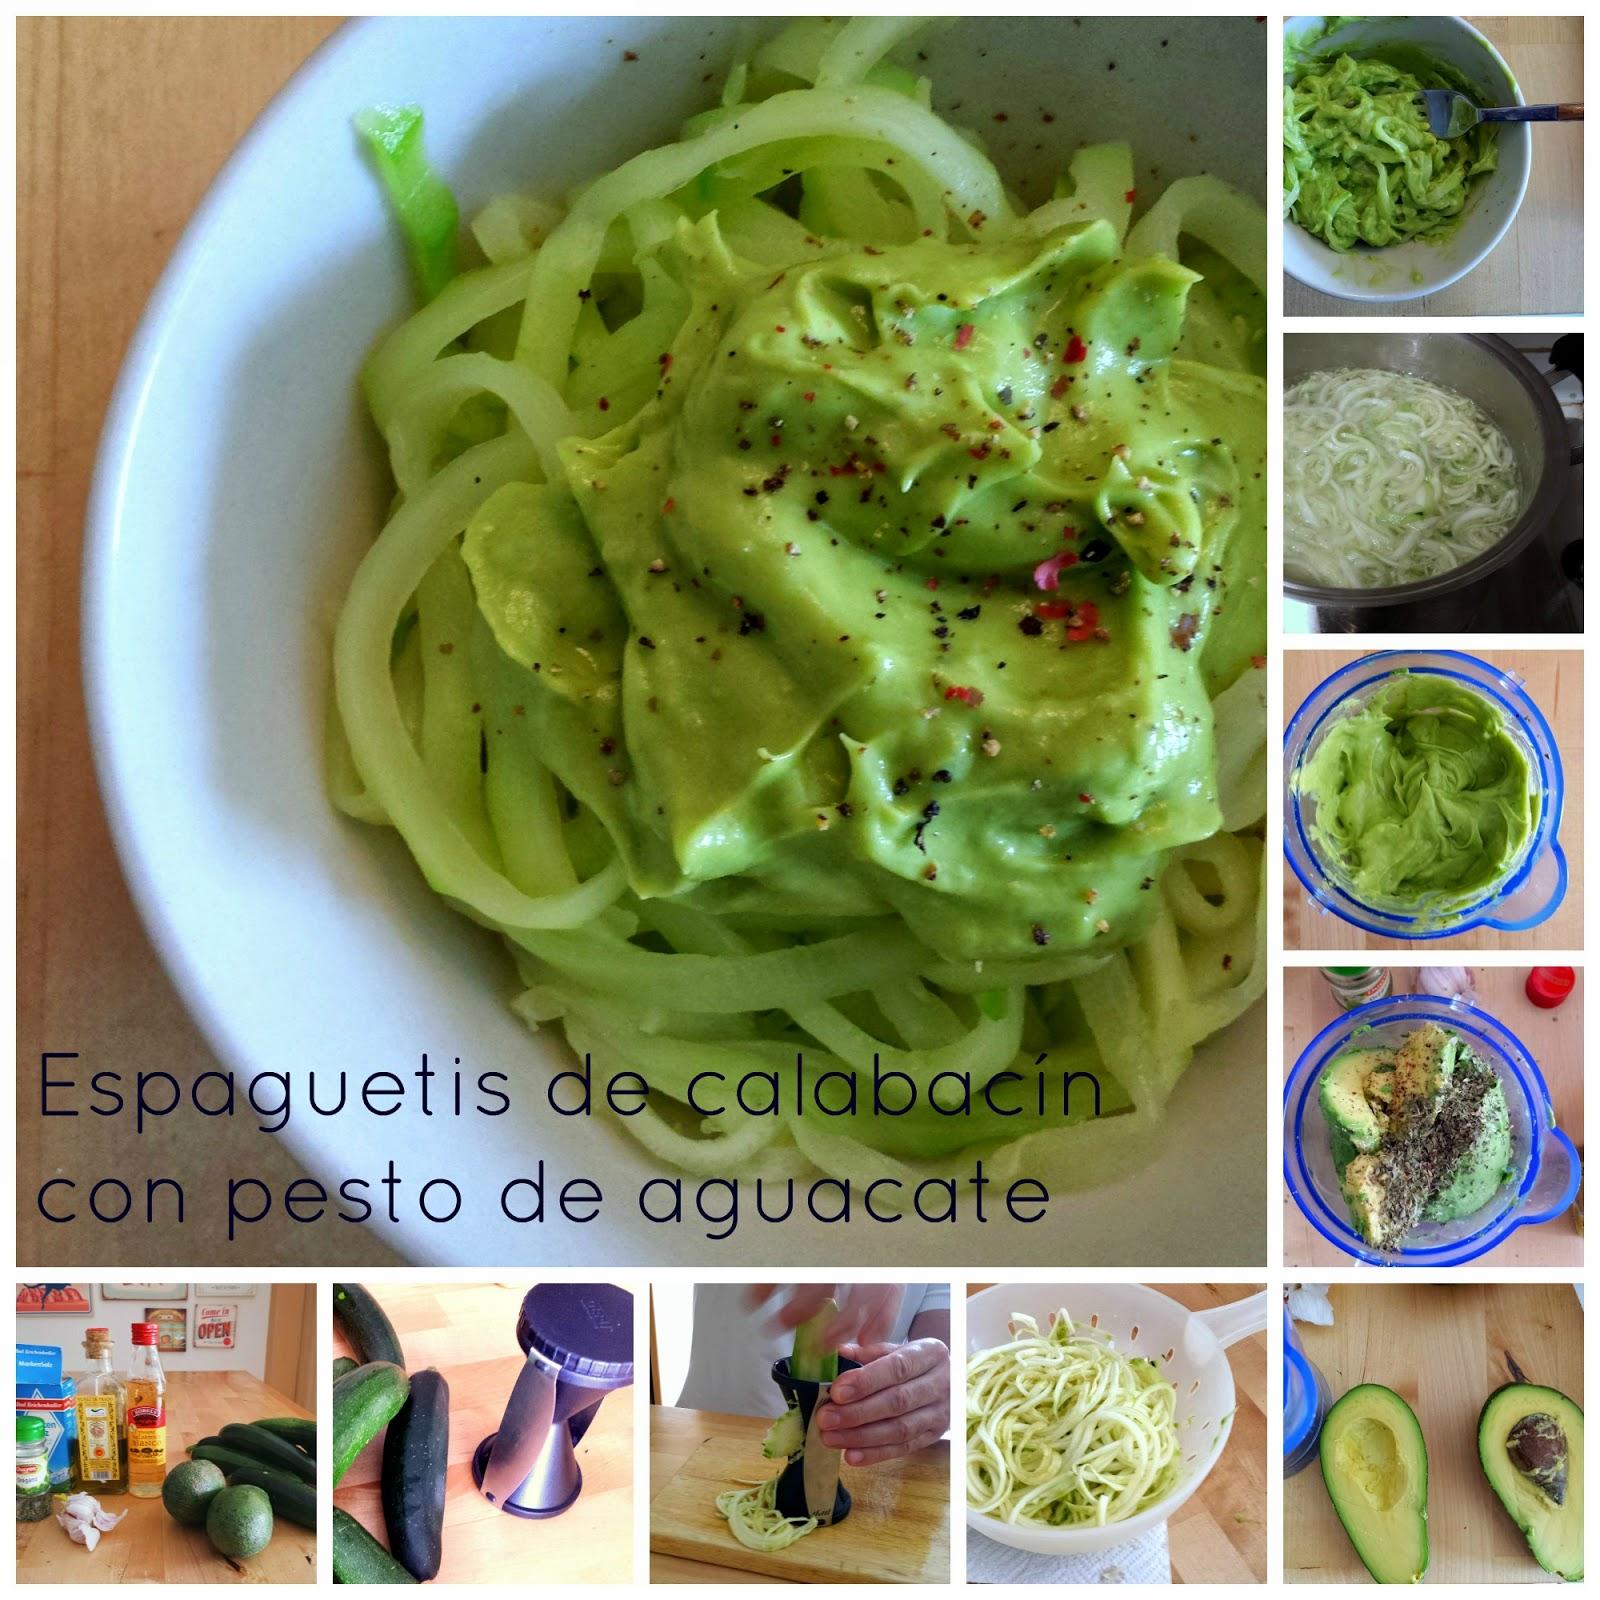 El Festín De Marga Espaguetis De Calabacín Con Pesto De Aguacate